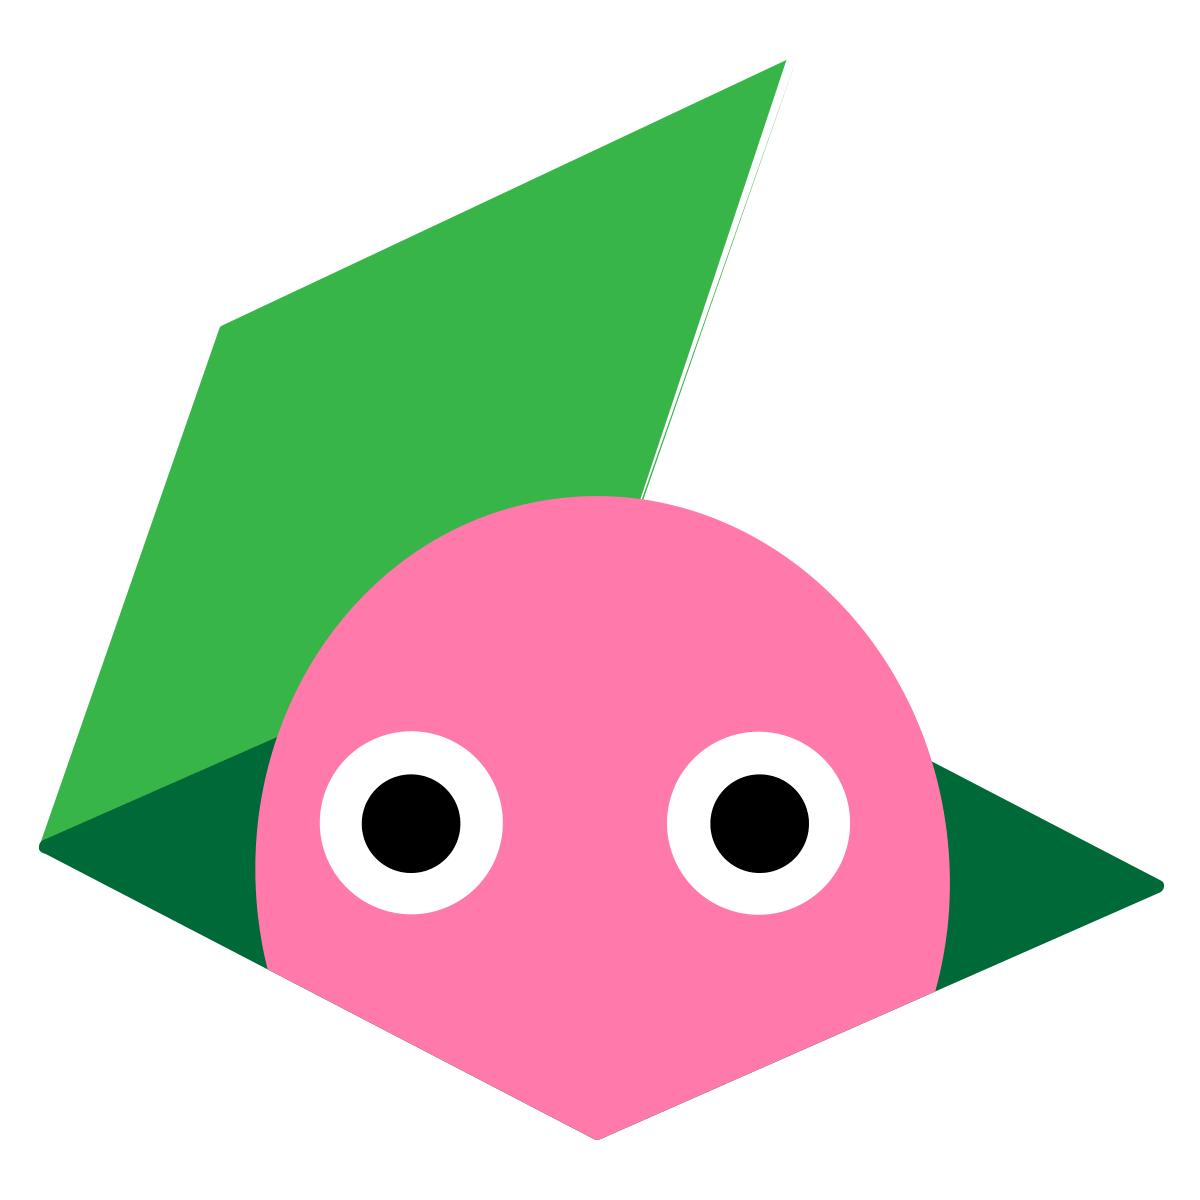 paff-logo